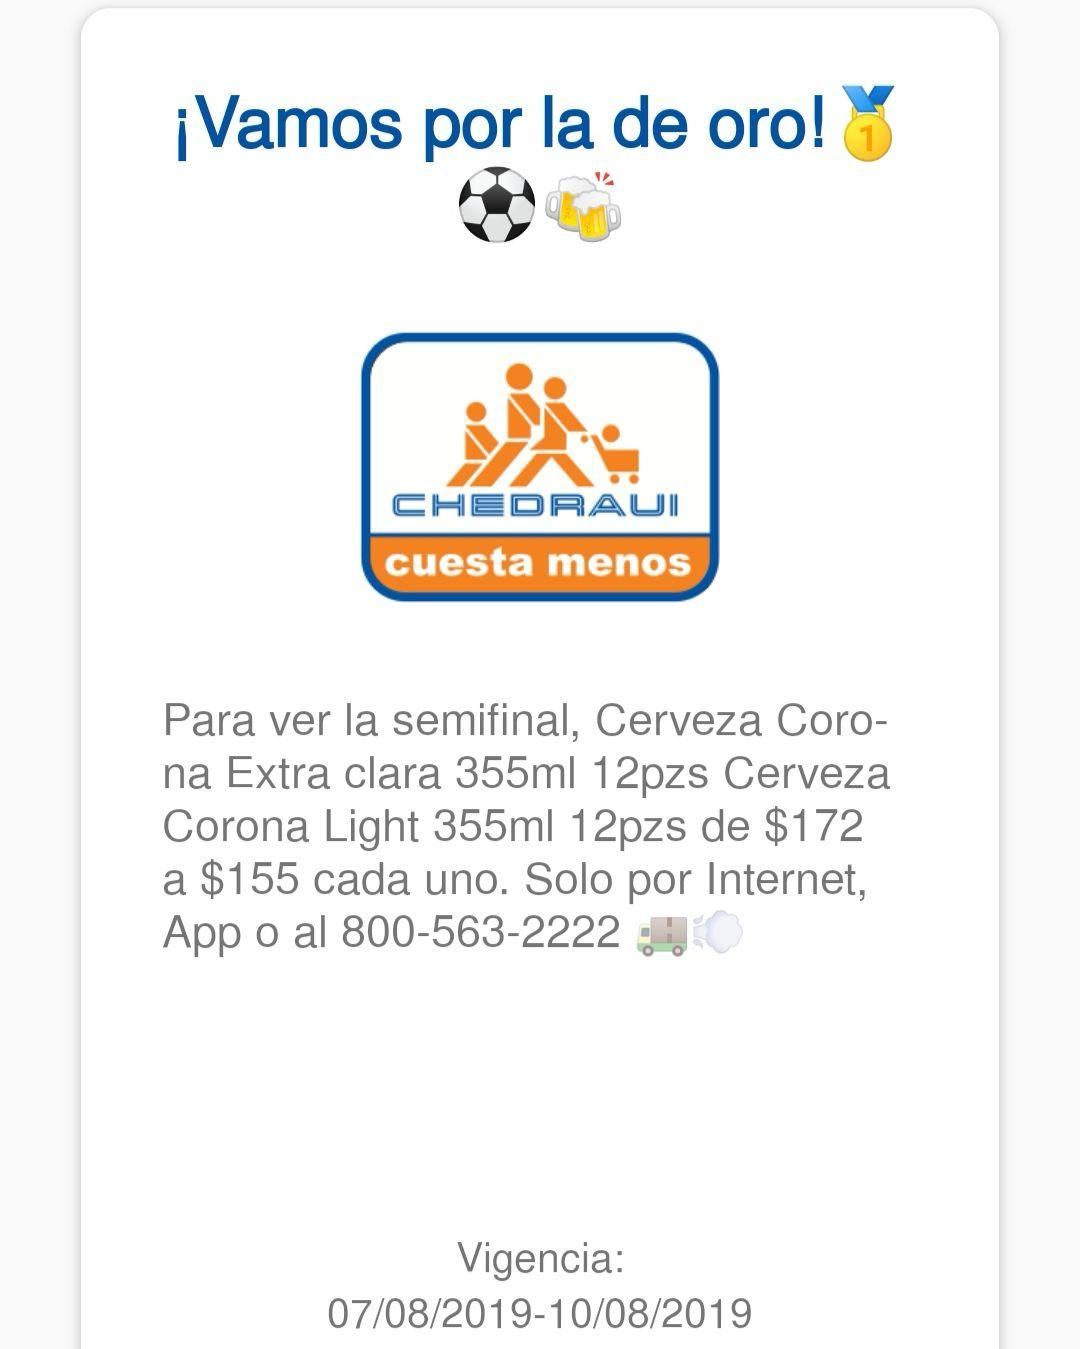 Chedraui: Cerveza Corona extra clara o light 12pzs en $155